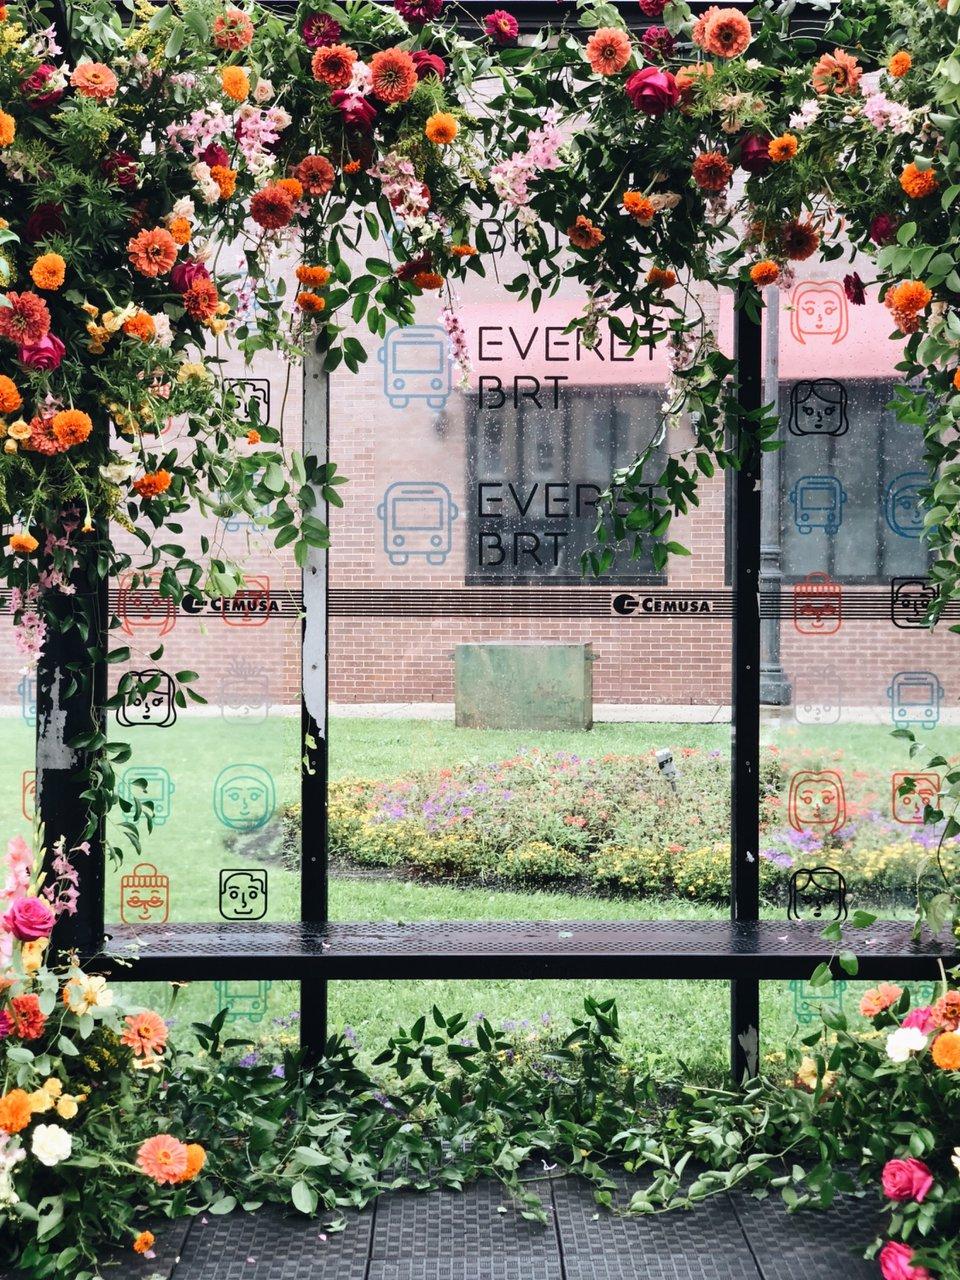 BosBRT Flowerbomb photo 5B2D1A76-B550-49C7-A6B2-5A85A5F1CF9F.jpg